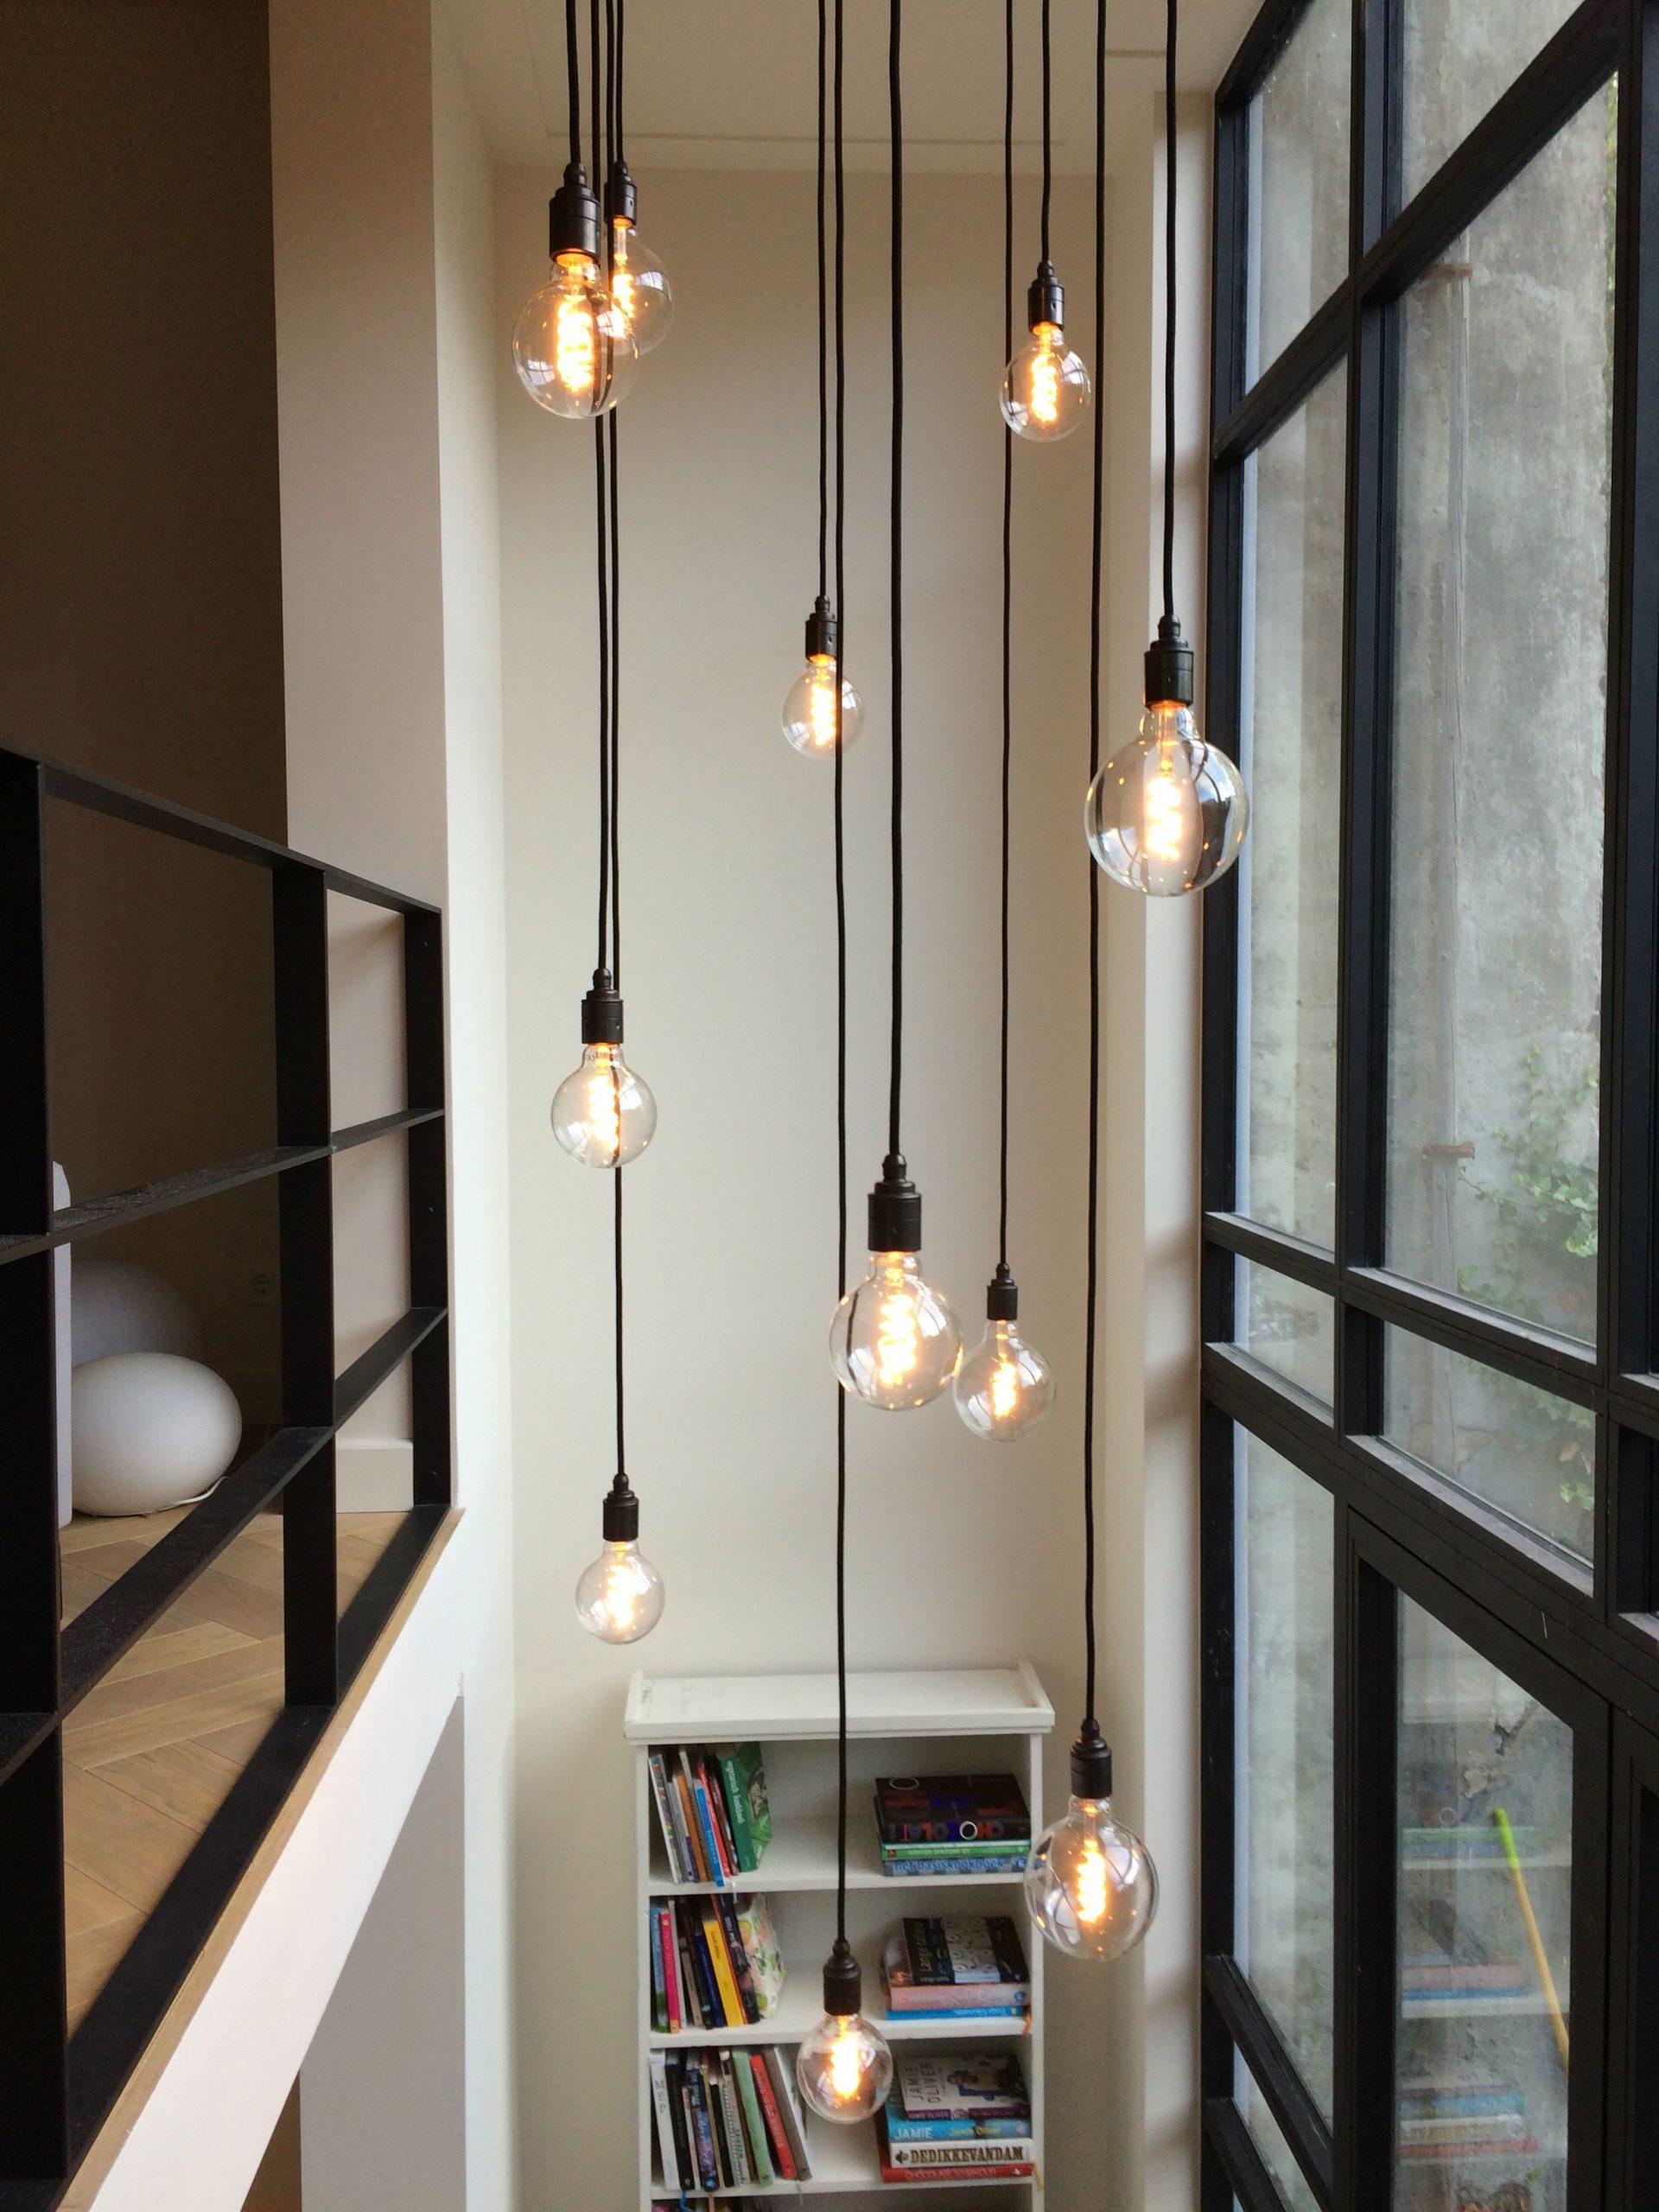 Hanglamp vide